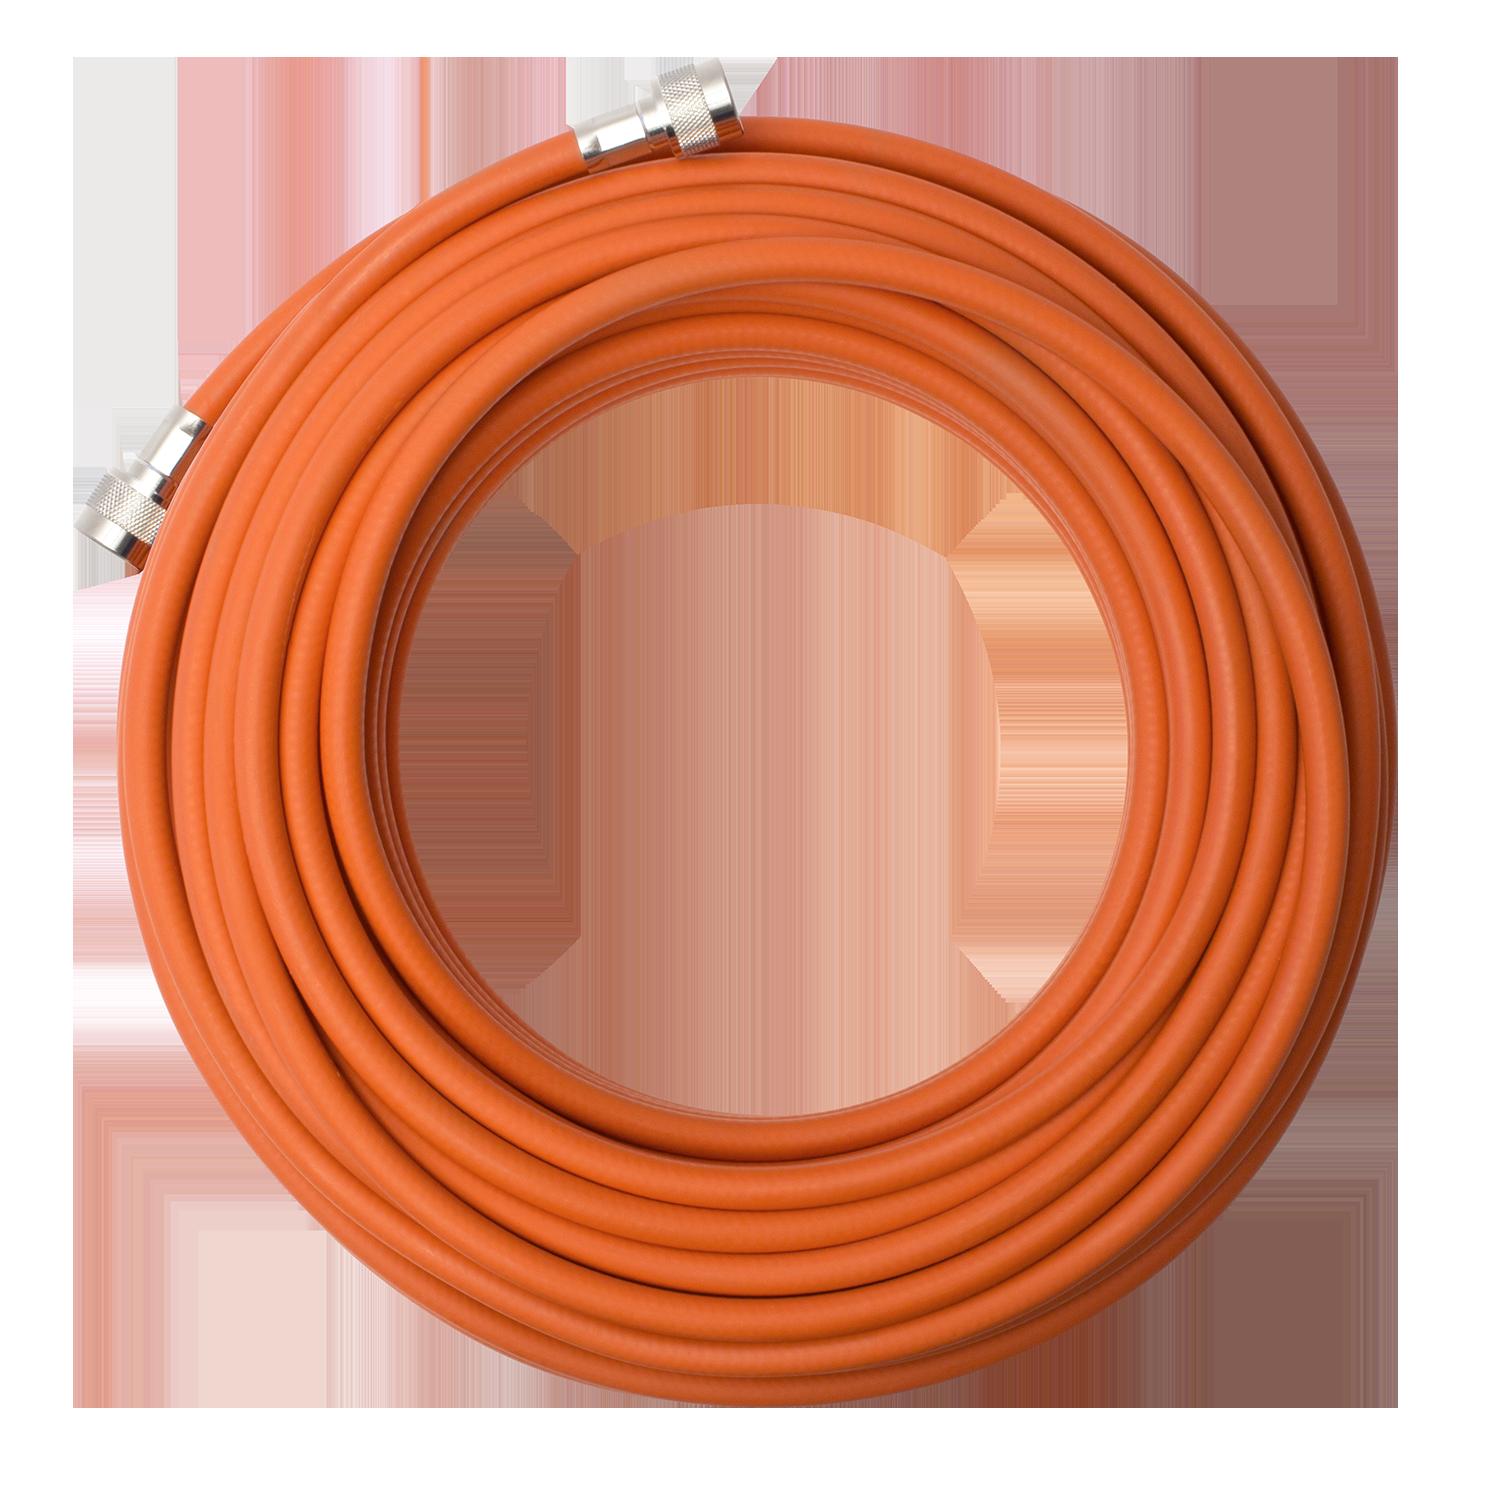 LMR-400 Plenum Cable